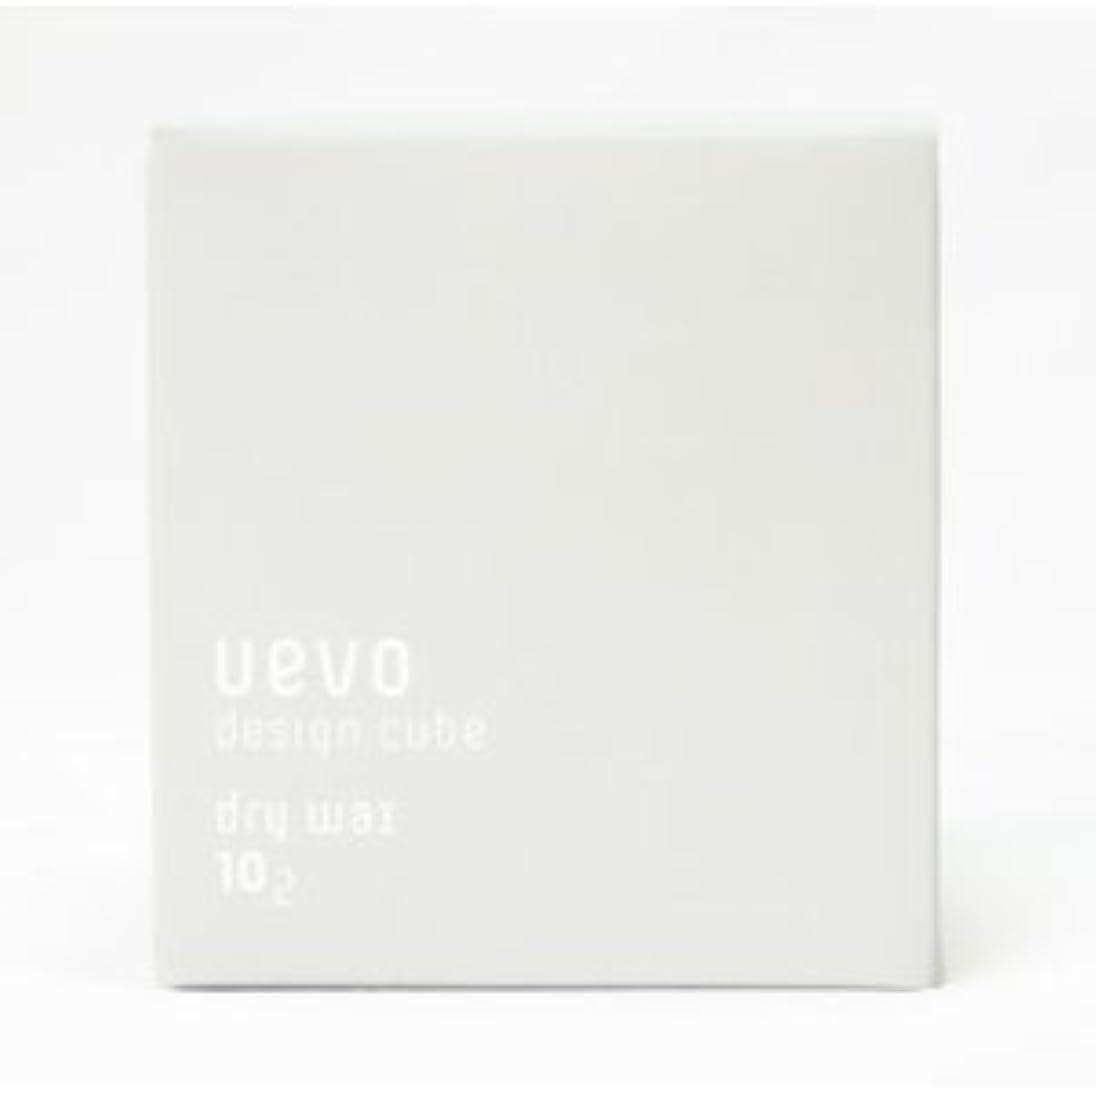 ディスカウント拒絶体【X2個セット】 デミ ウェーボ デザインキューブ ドライワックス 80g dry wax